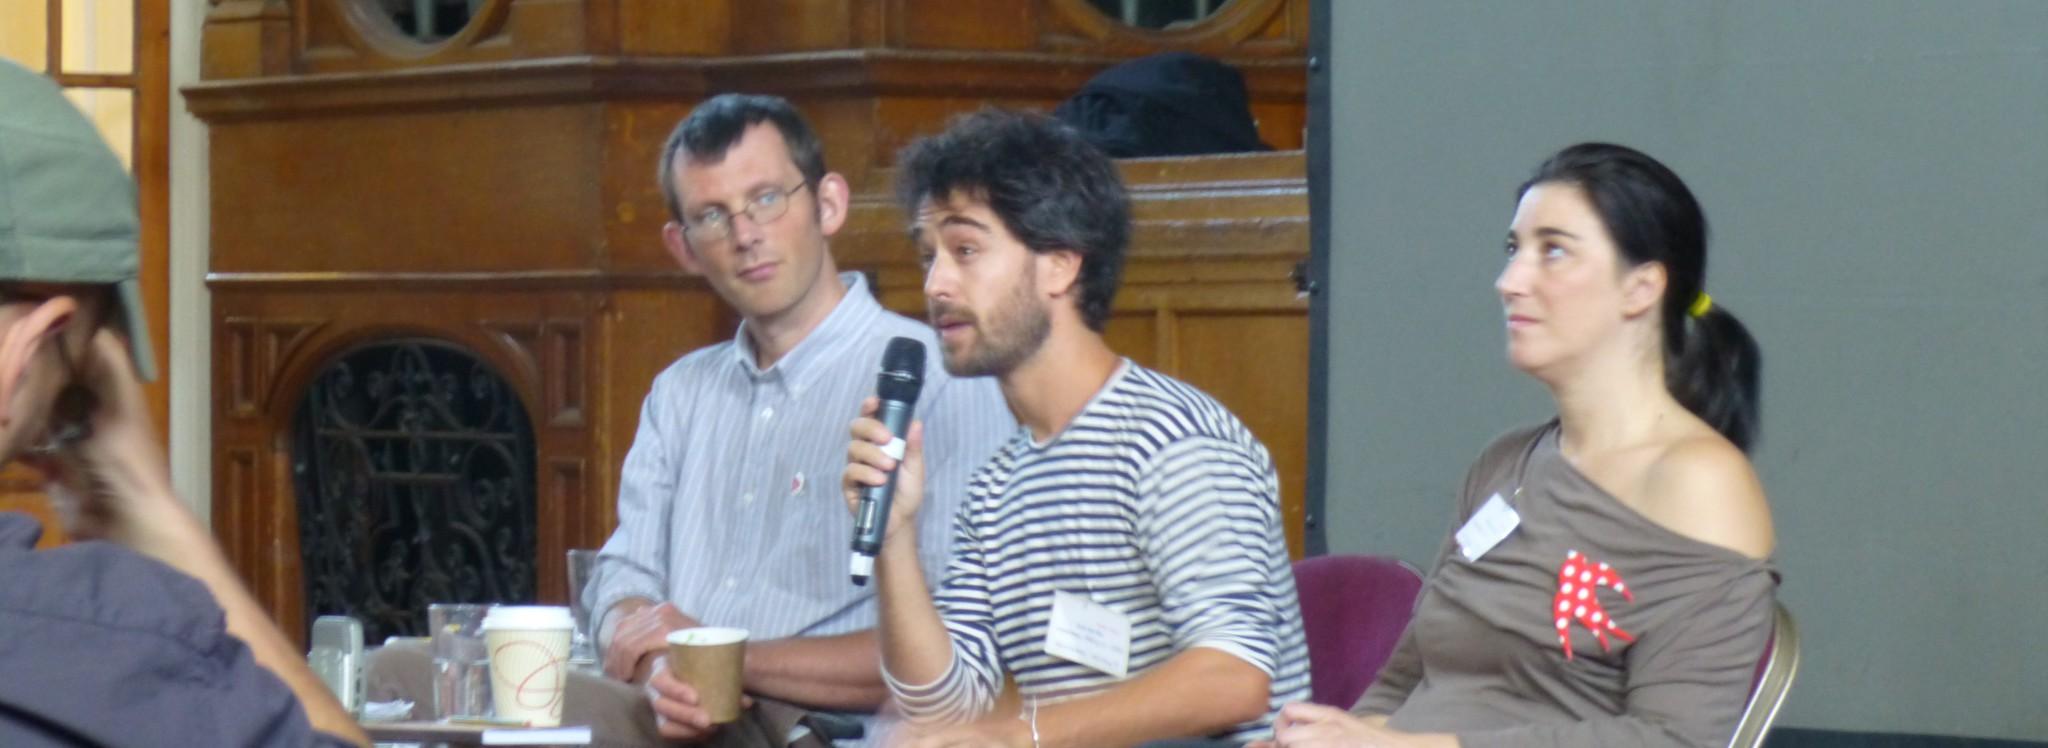 Atelier storytelling le 17 septembre : Apprendre à redevenir maître de son powerpoint, développer son talent d'orateur